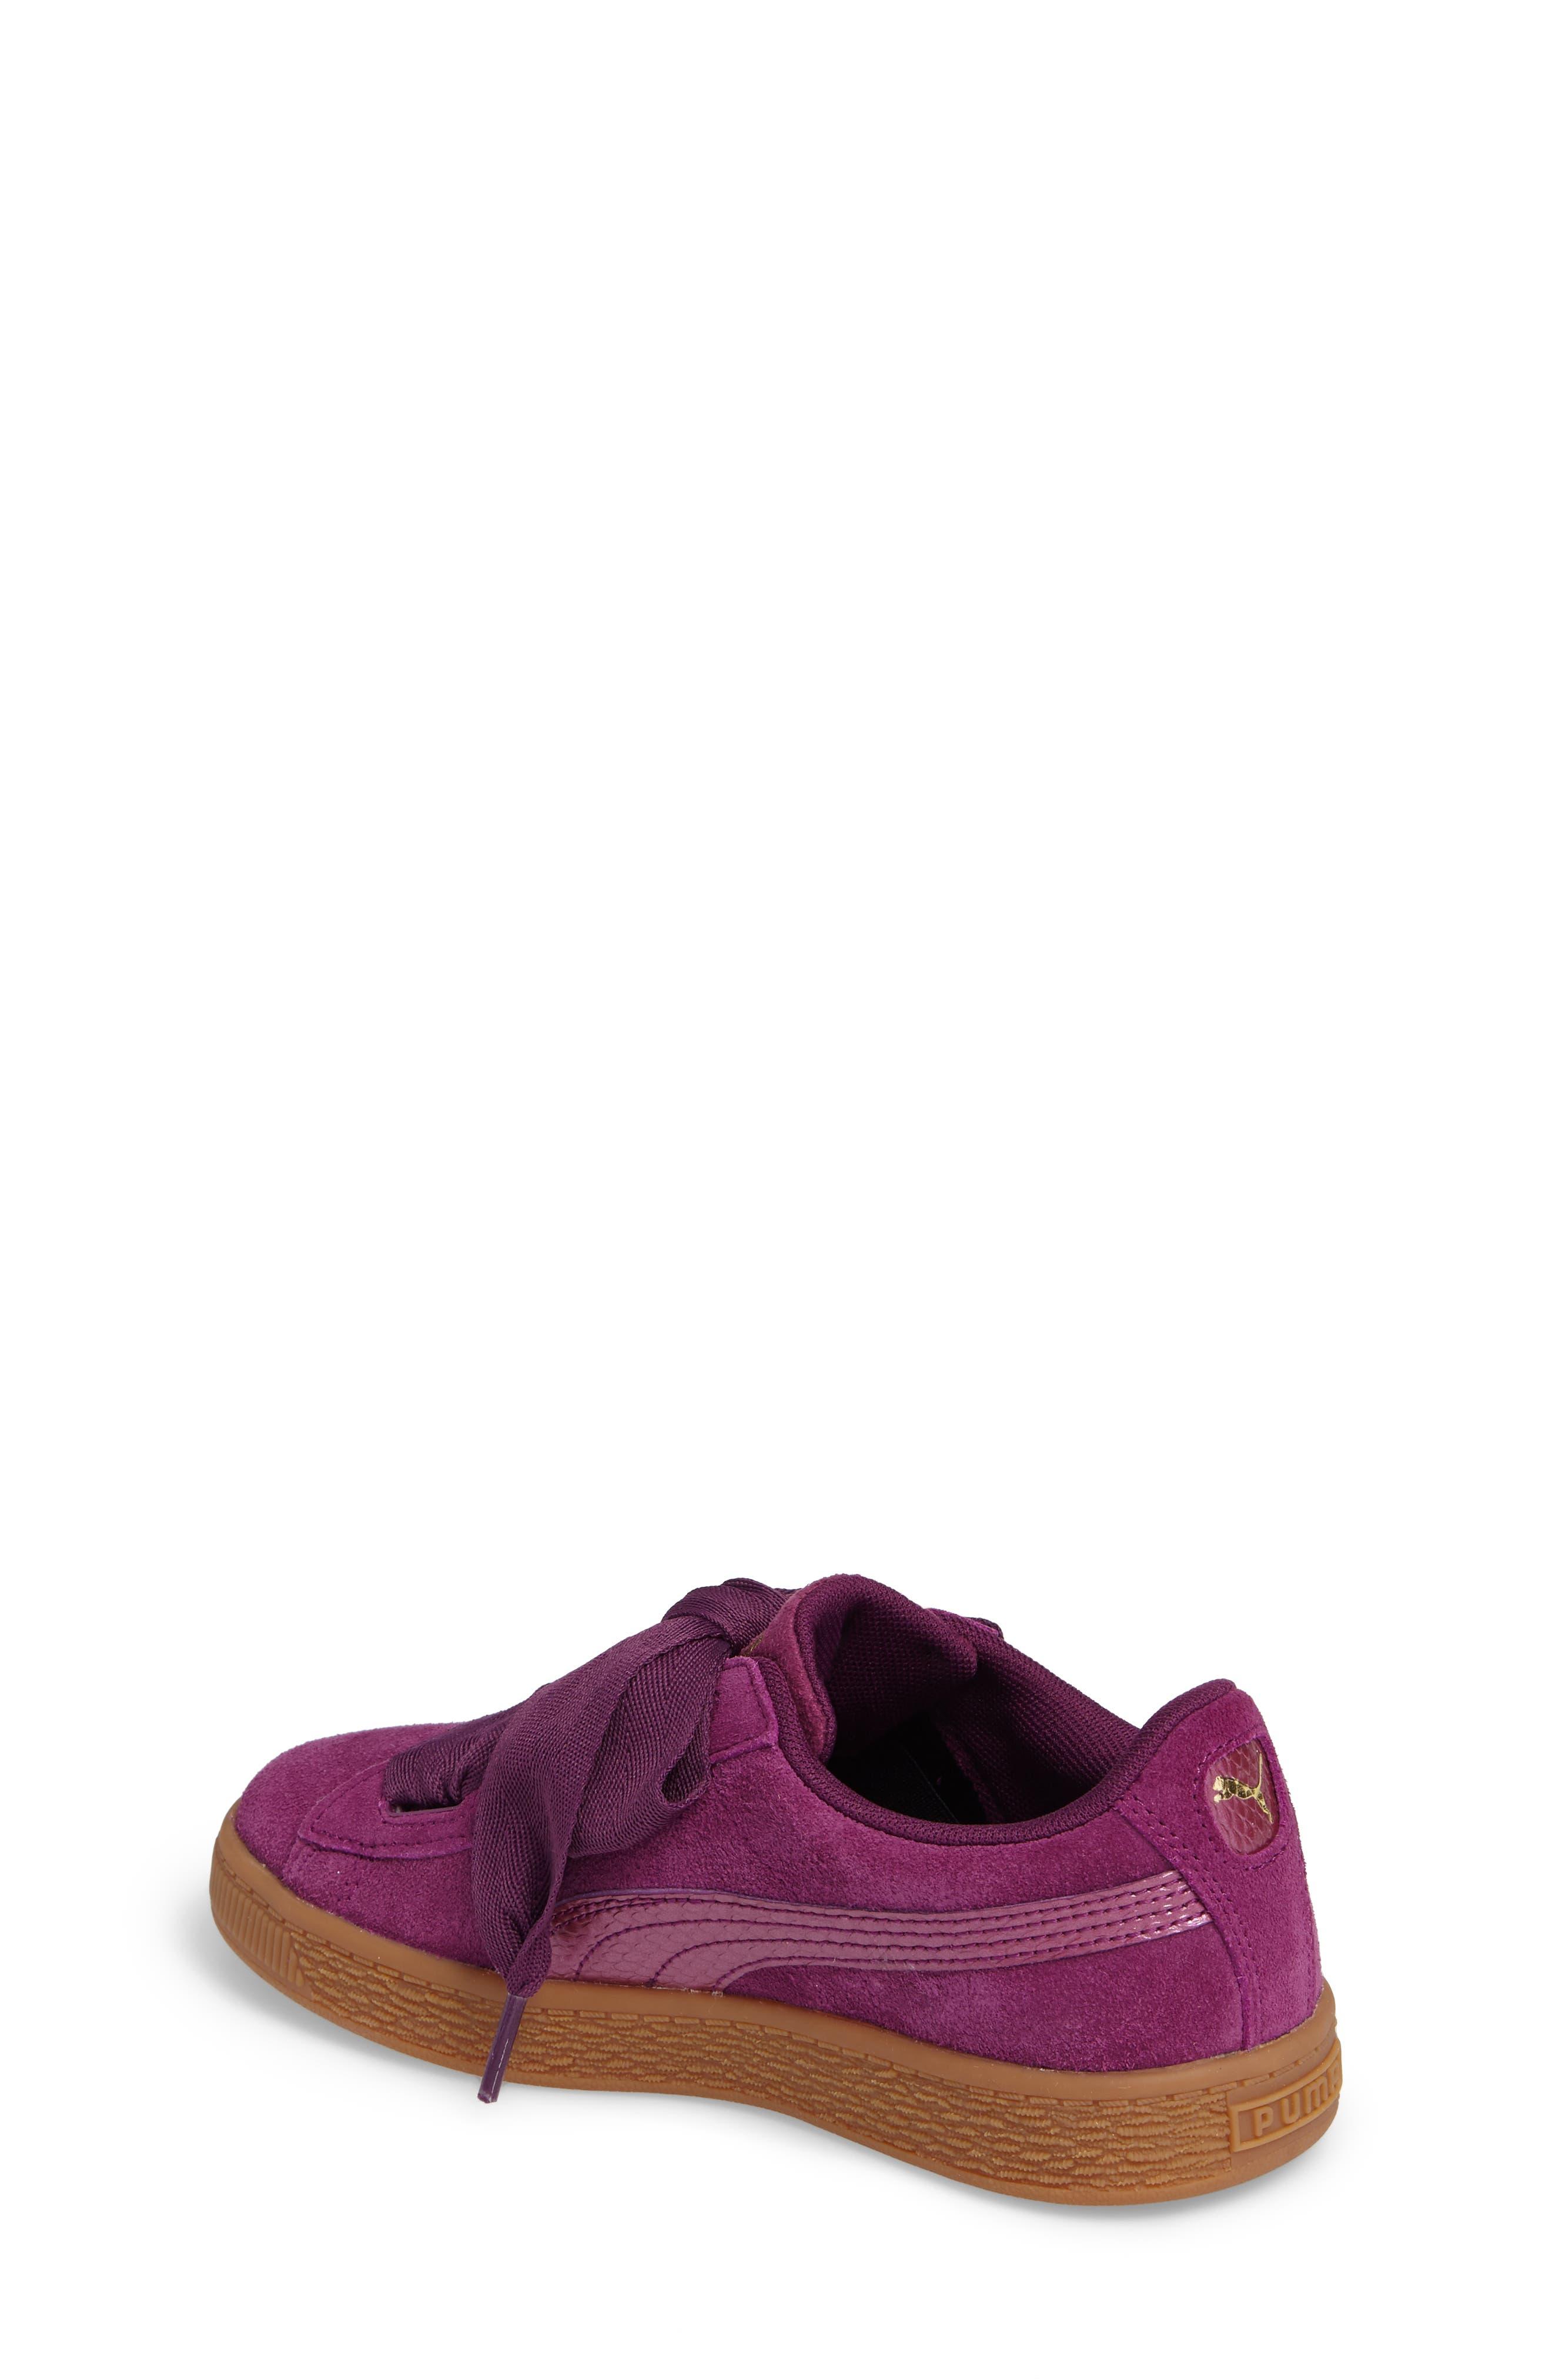 Basket Heart Sneaker,                             Alternate thumbnail 5, color,